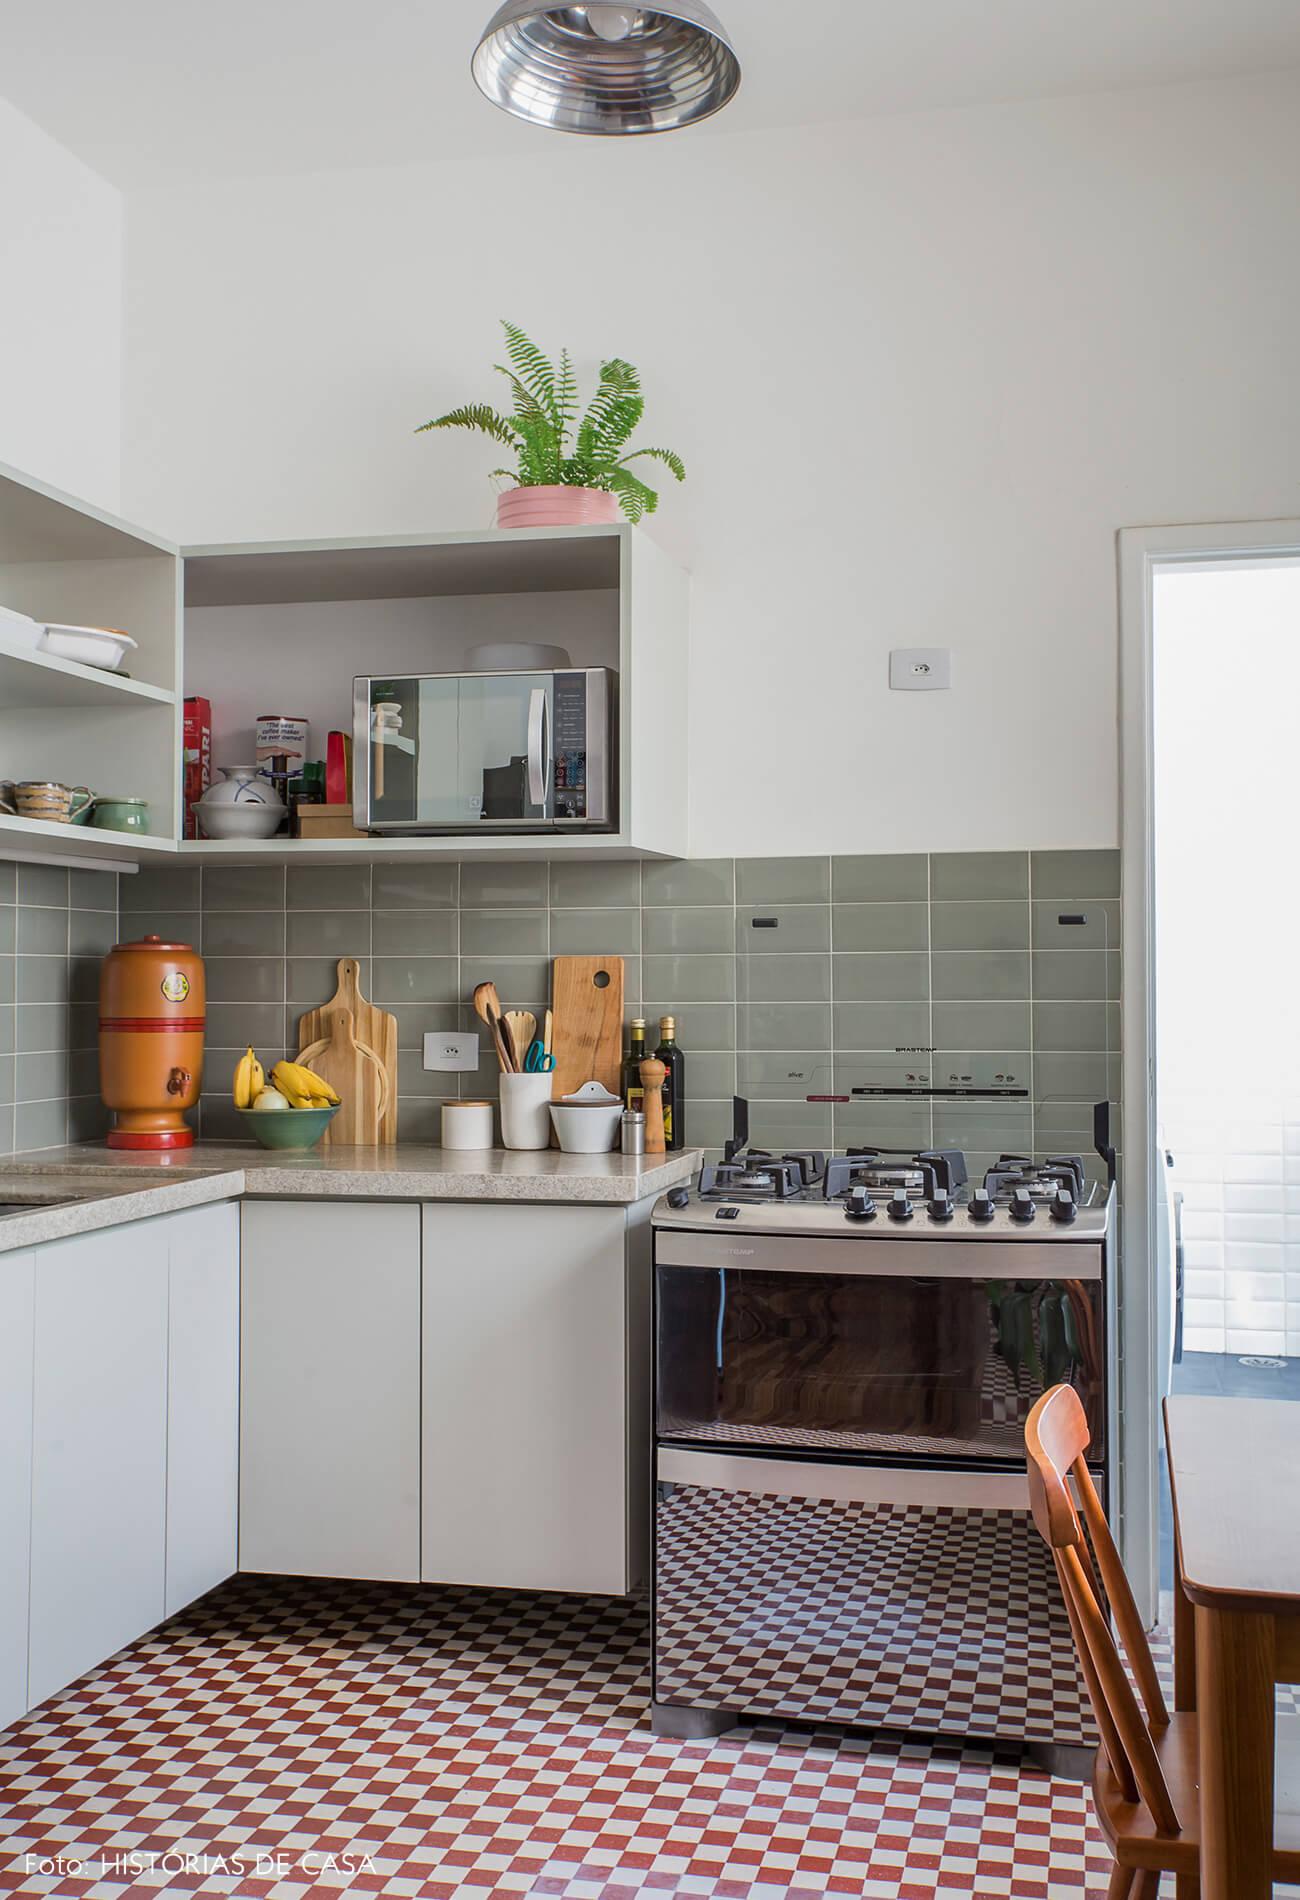 Cozinha com piso de ladrilhos hidráulicos vermelhos